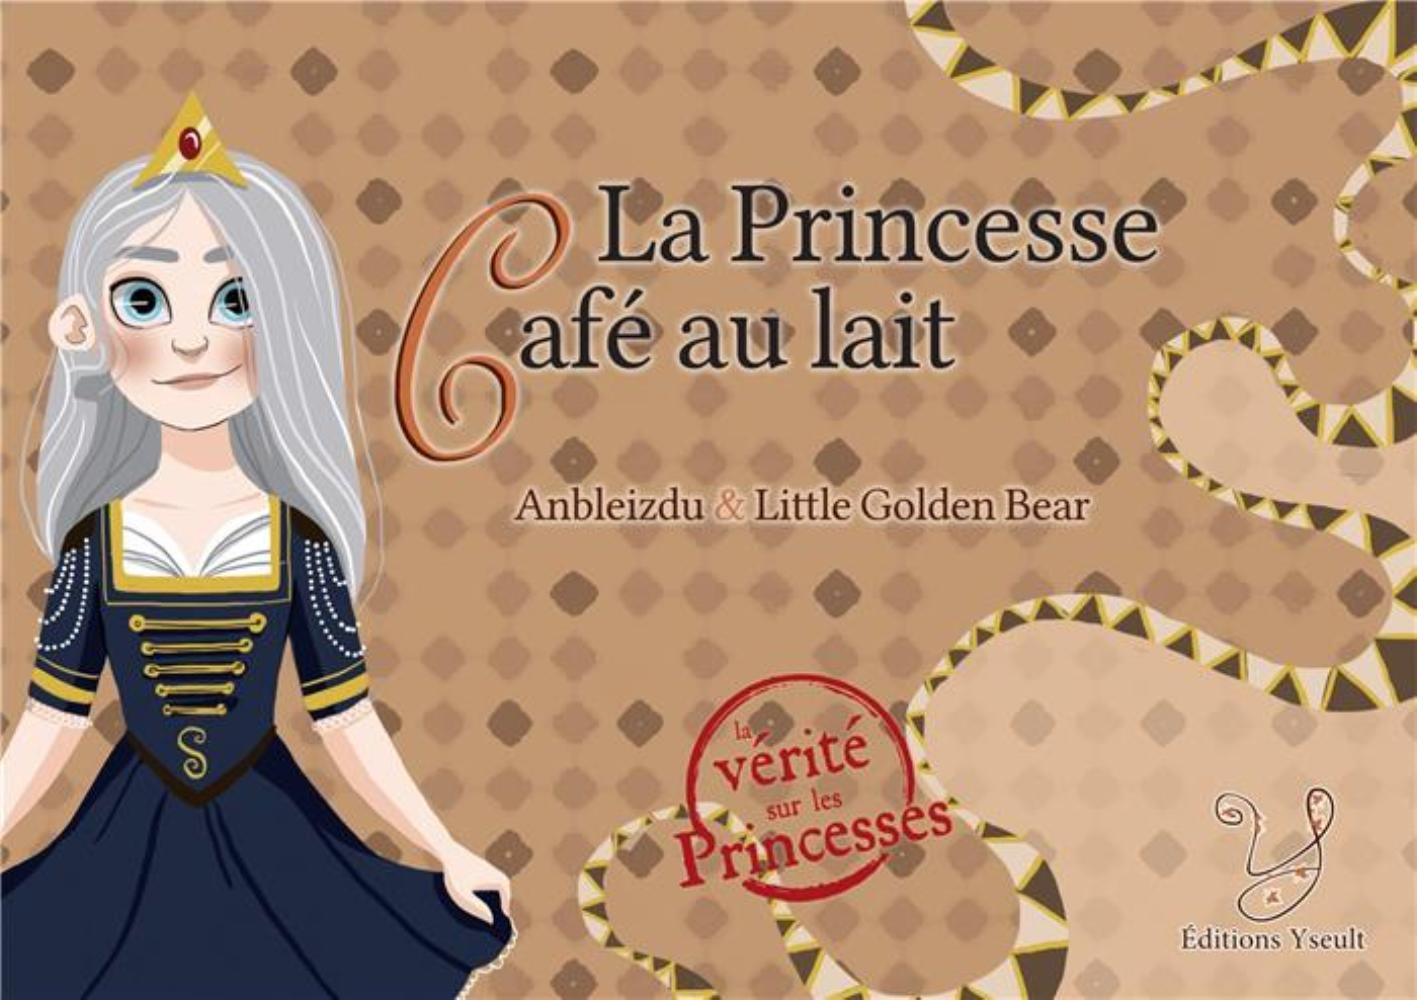 LA PRINCESSE CAFE AU LAIT